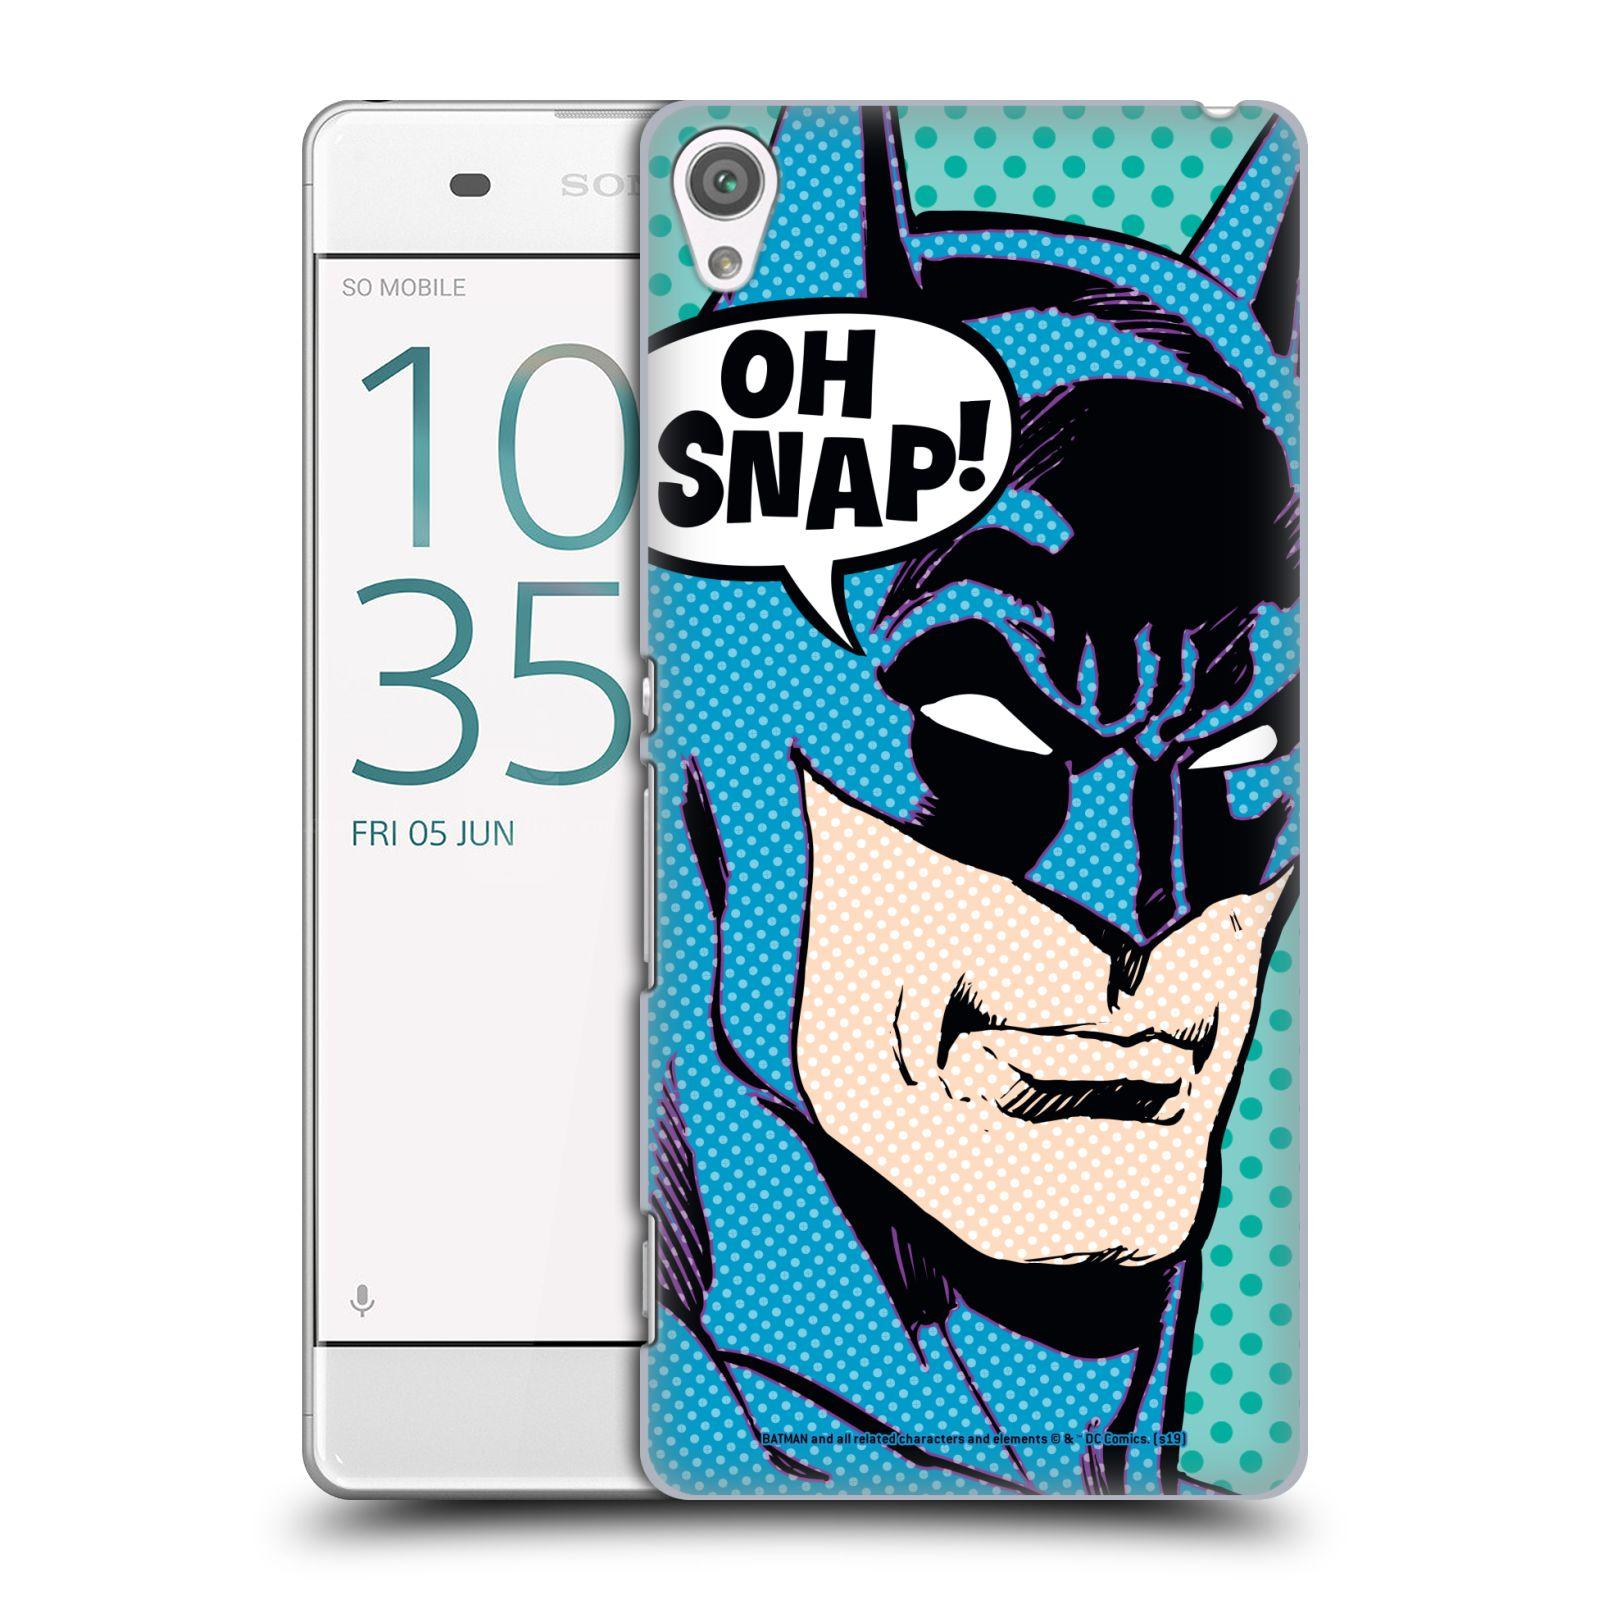 Pouzdro na mobil Sony Xperia XA - HEAD CASE - DC komix Batman Pop Art tvář